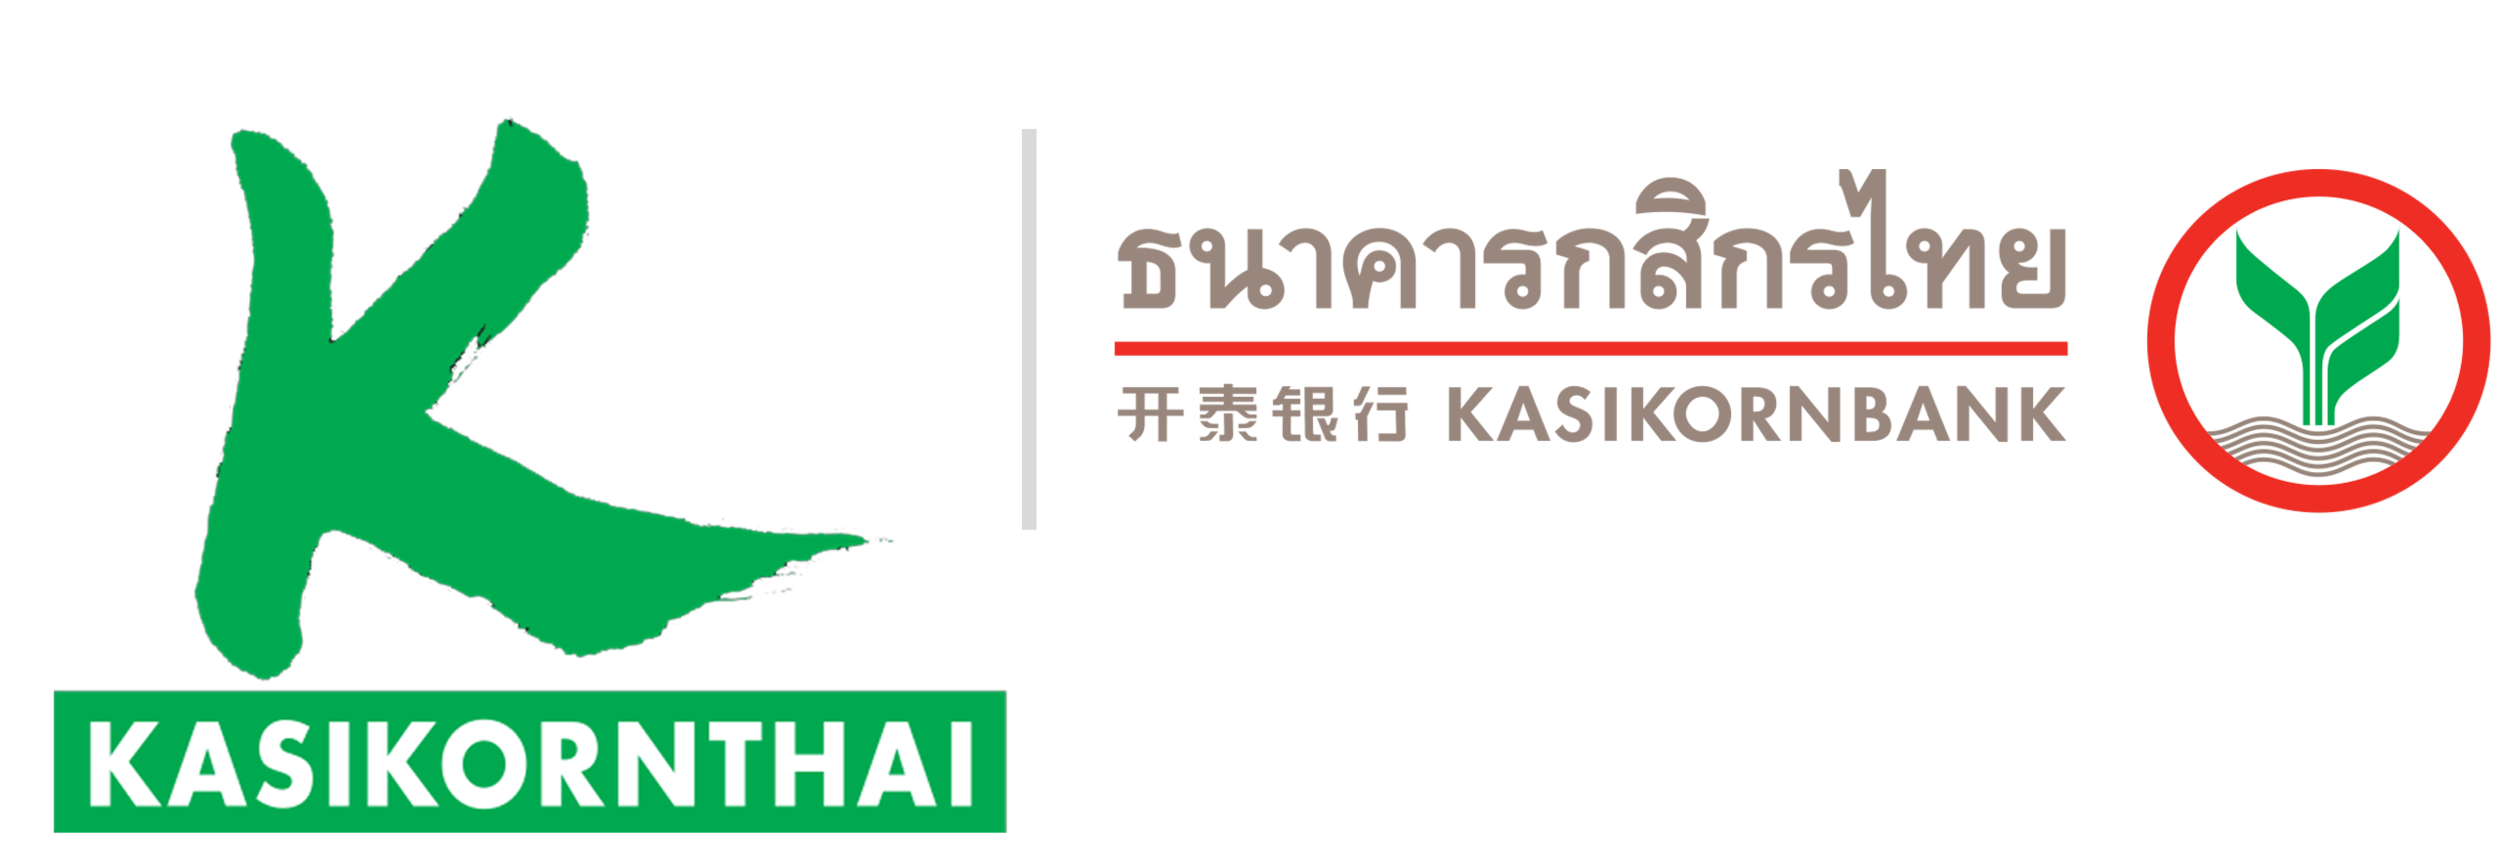 KasikornBank Logo.png